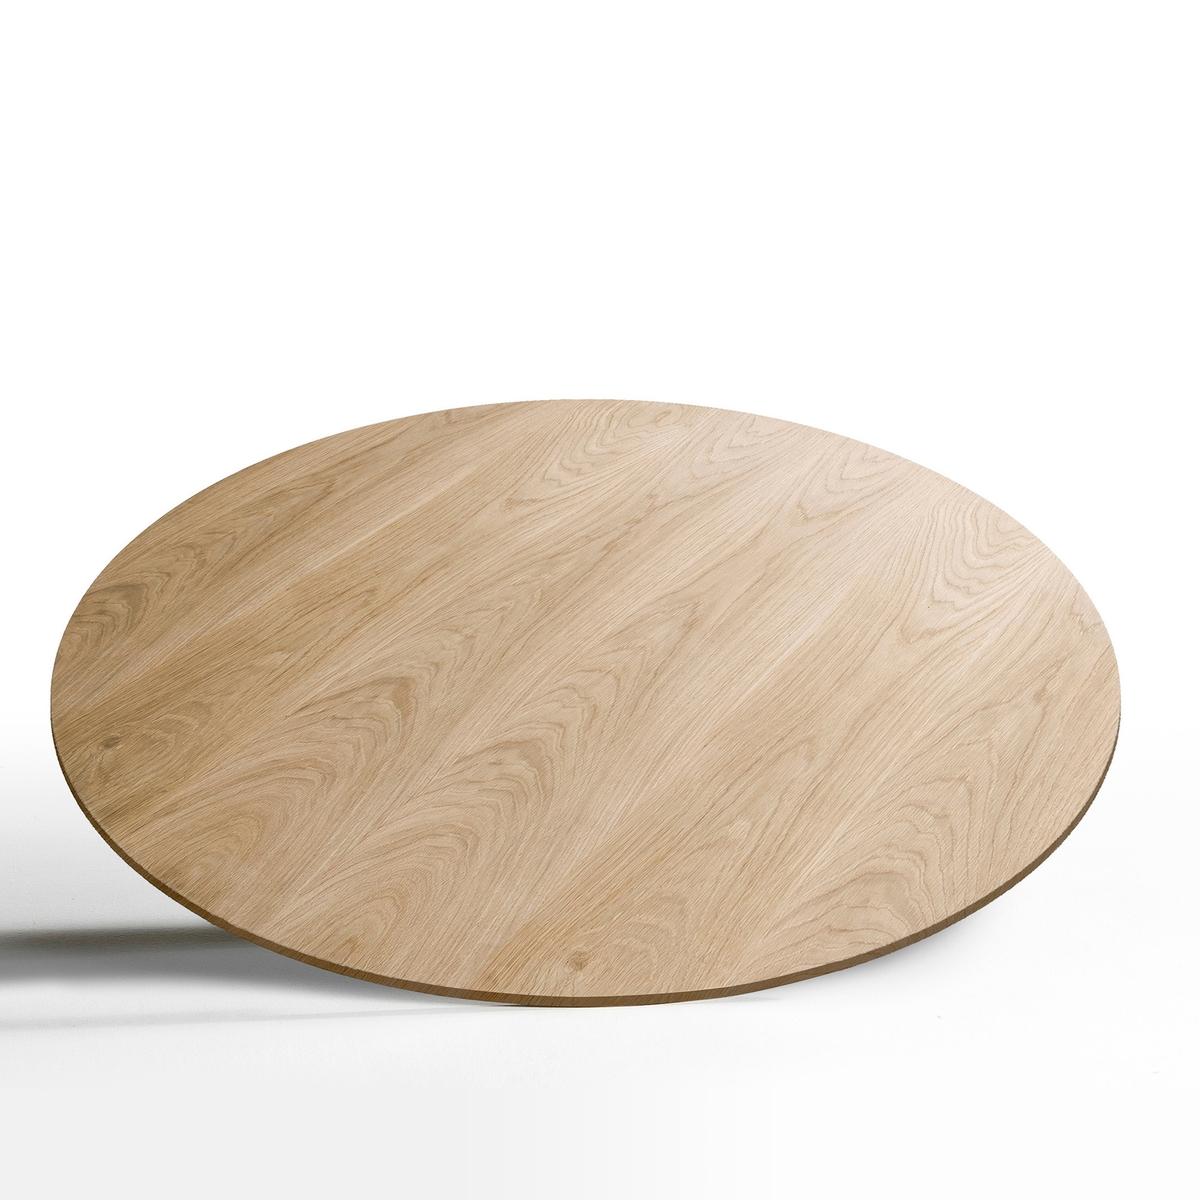 Столешница, диаметр 120 см, HisiaХарактеристики:Столешница из МДФ, покрытого дубовым шпоном, натуральных цветов или краска под орех.Размеры:диаметр 120 см.Размеры и вес упаковки:141 x 4 x 141 см, 21,5 кг Доставка на домВаш товар будет доставлен по назначению, прямо на этажВнимание! Пожалуйста, убедитесь, что упаковка пройдет через проемы (двери, лестницы, лифты)<br><br>Цвет: натуральный дуб